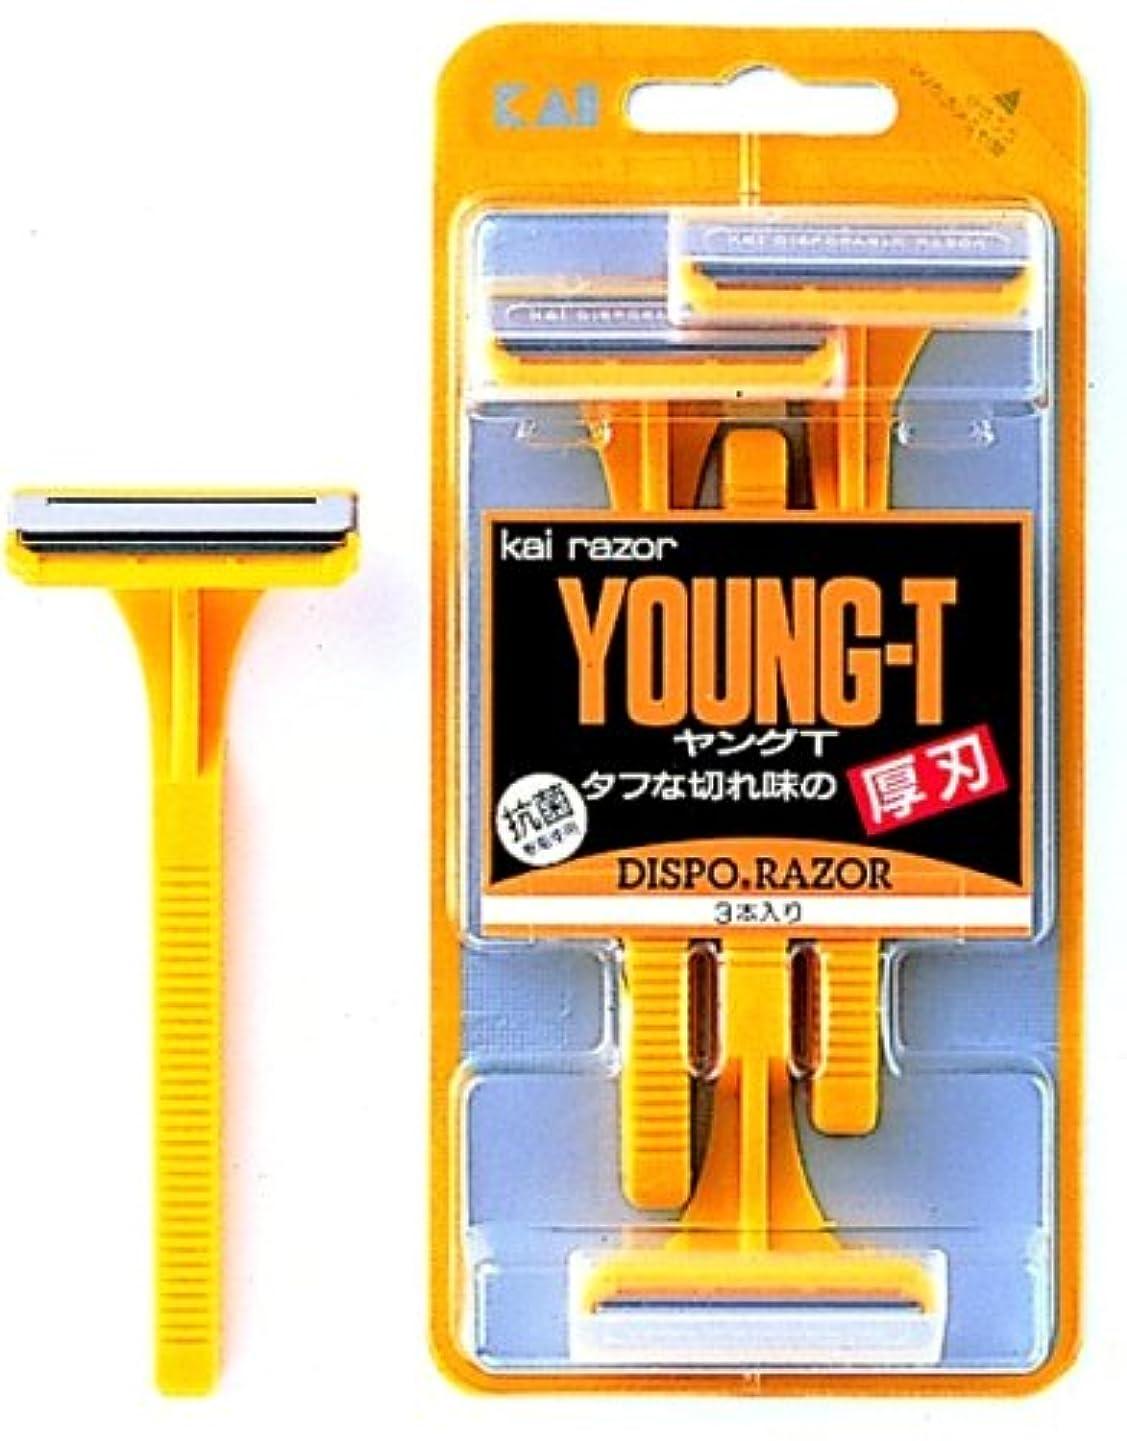 マーケティング部屋を掃除する科学カミソリ ヤングT YNGT-3B